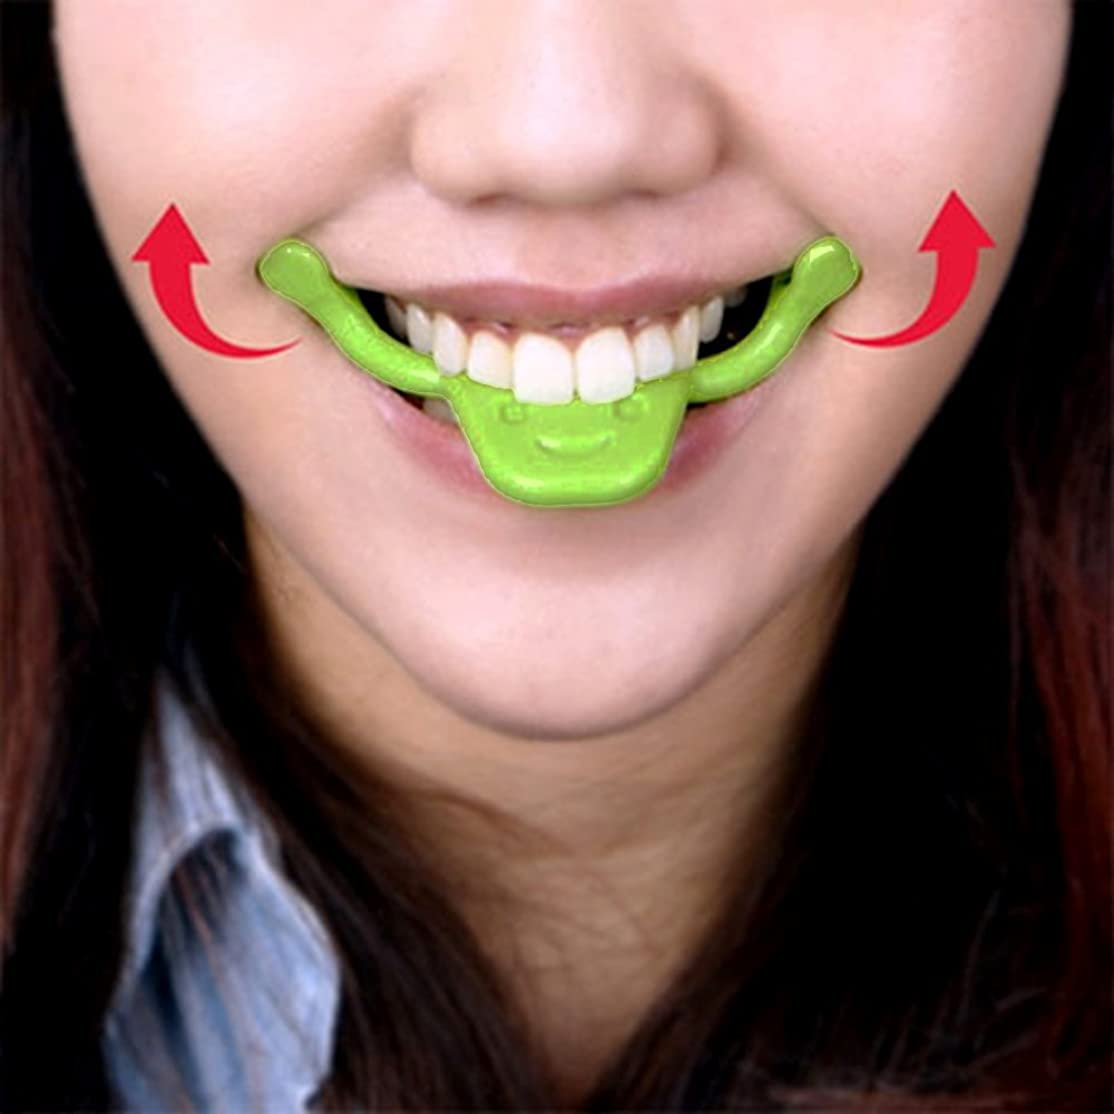 りんごおっとクリック表情筋 トレーニング 小顔 ストレッチ ほうれい線 二重 あご 消す 口角を上げるグッズ 美顔 顔痩せ リフトアップ マウスピース フェイシャルフィットネス (タイプ2)